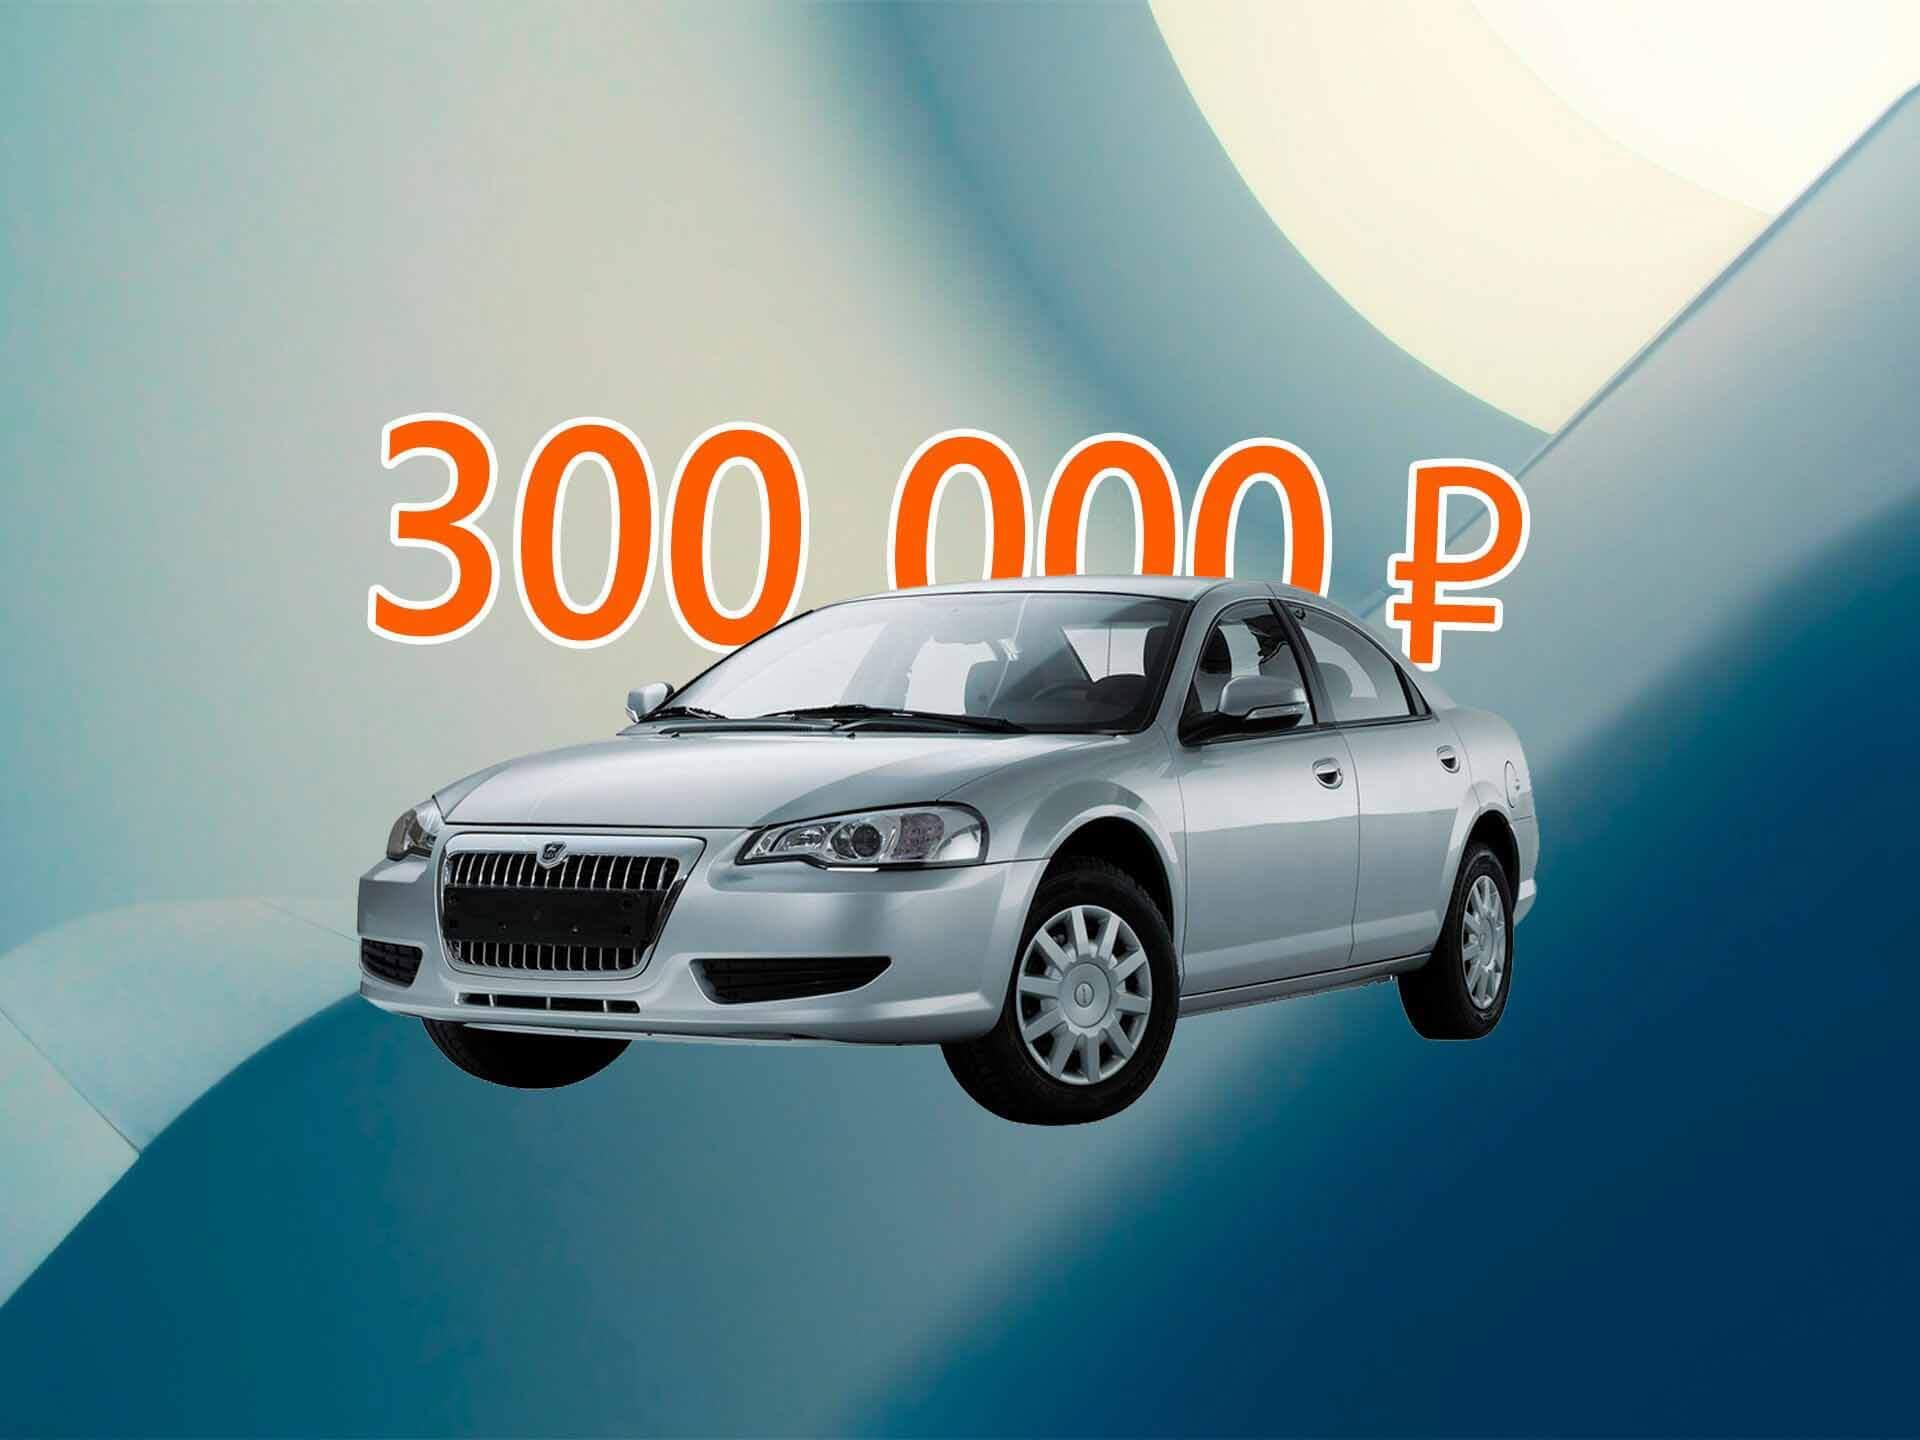 Но идея была неплохой: стоит ли покупать Volga Siber за 300 тысяч рублей